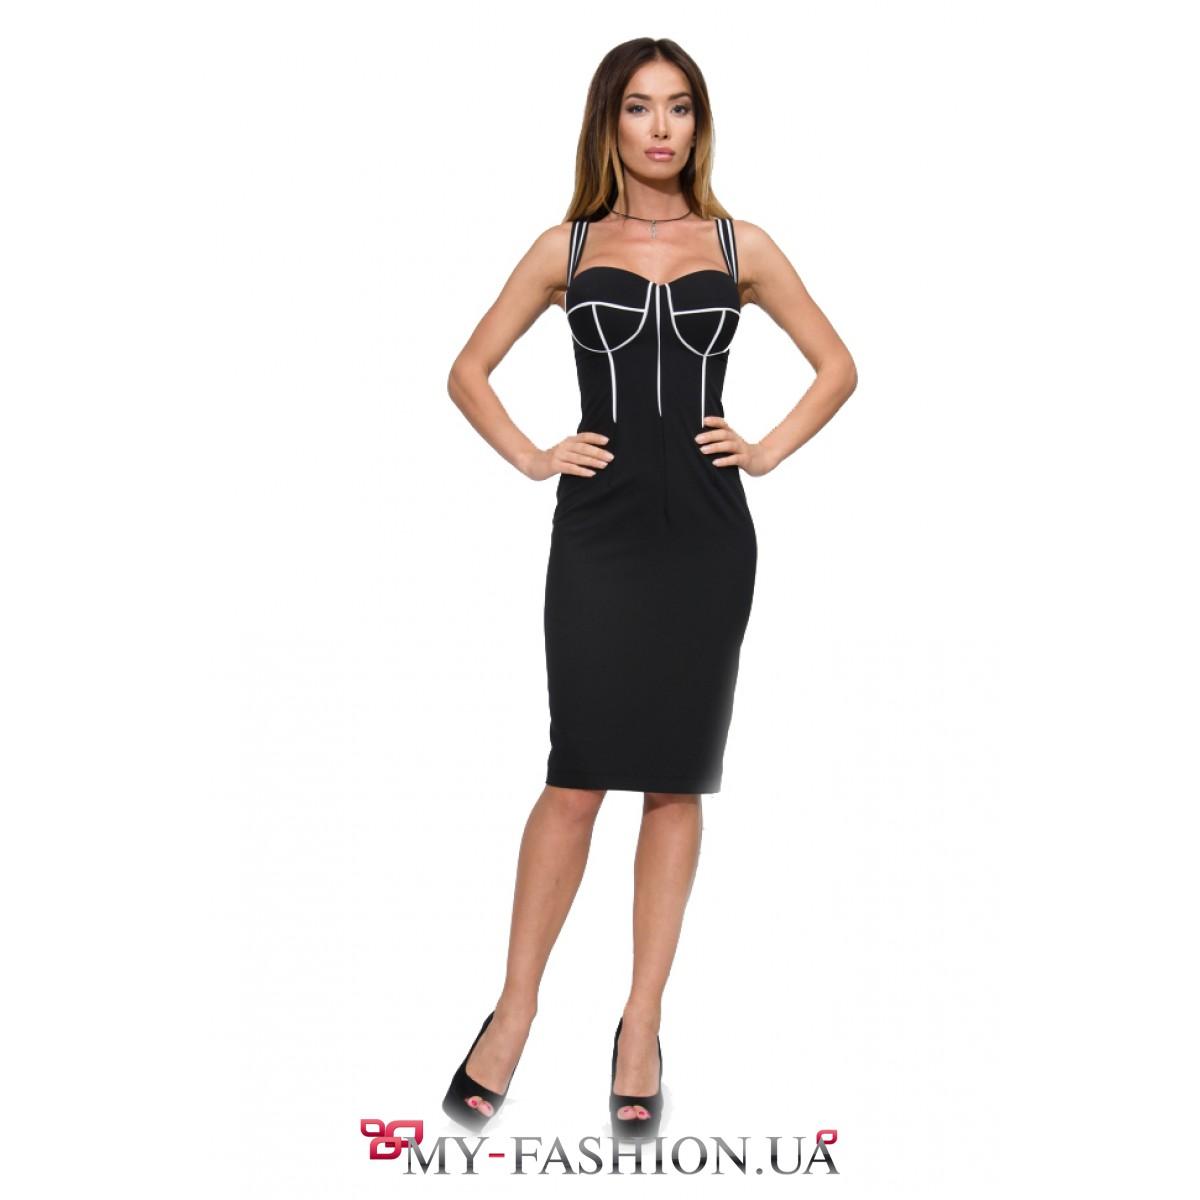 Платье на бретельках черное купить